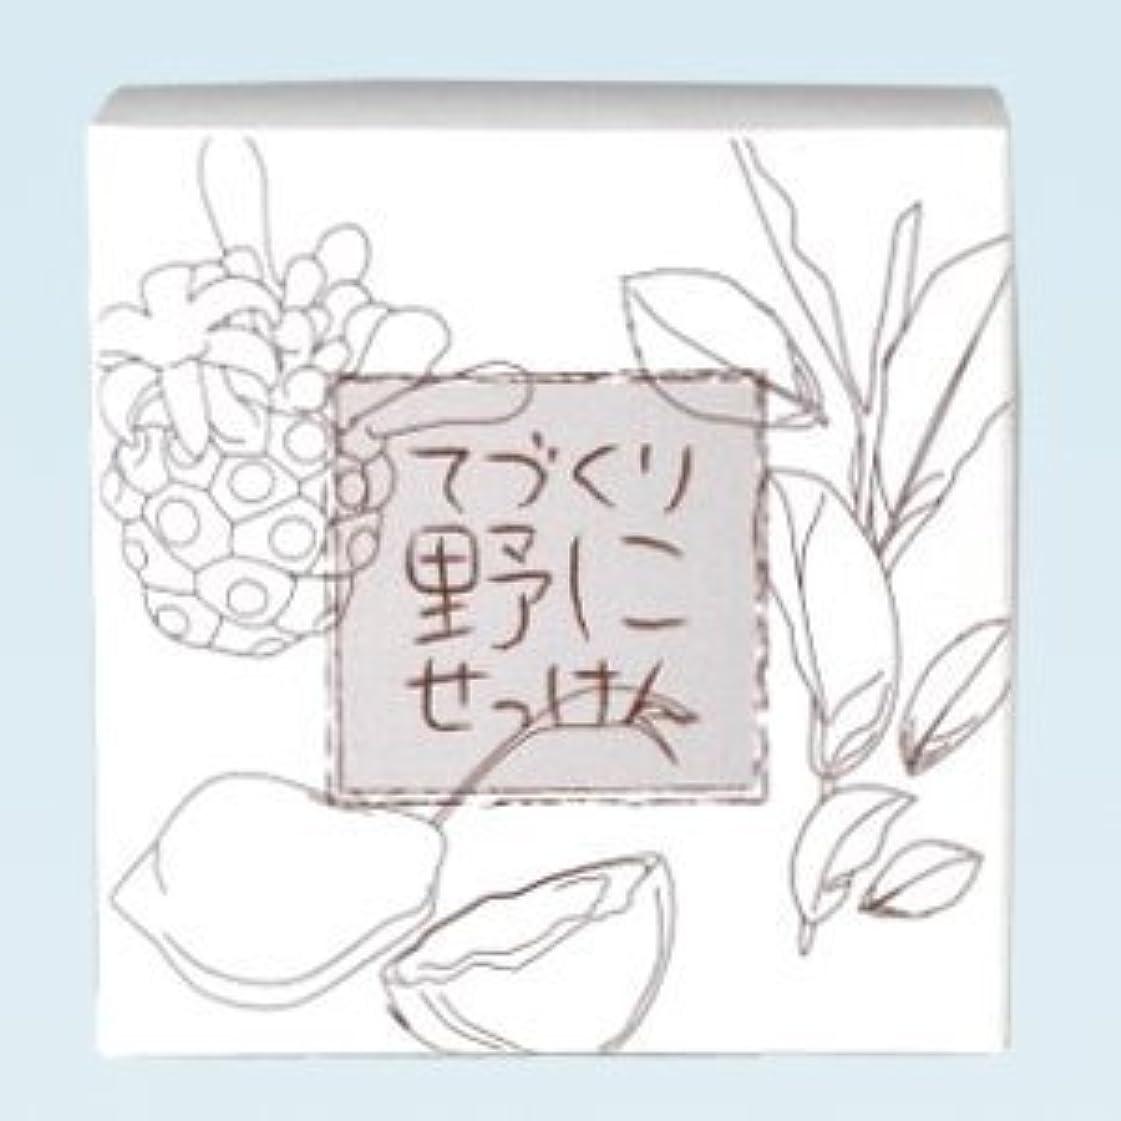 批判する流体冷凍庫緑茶 ノニ石鹸 てづくり野にせっけん(115g)